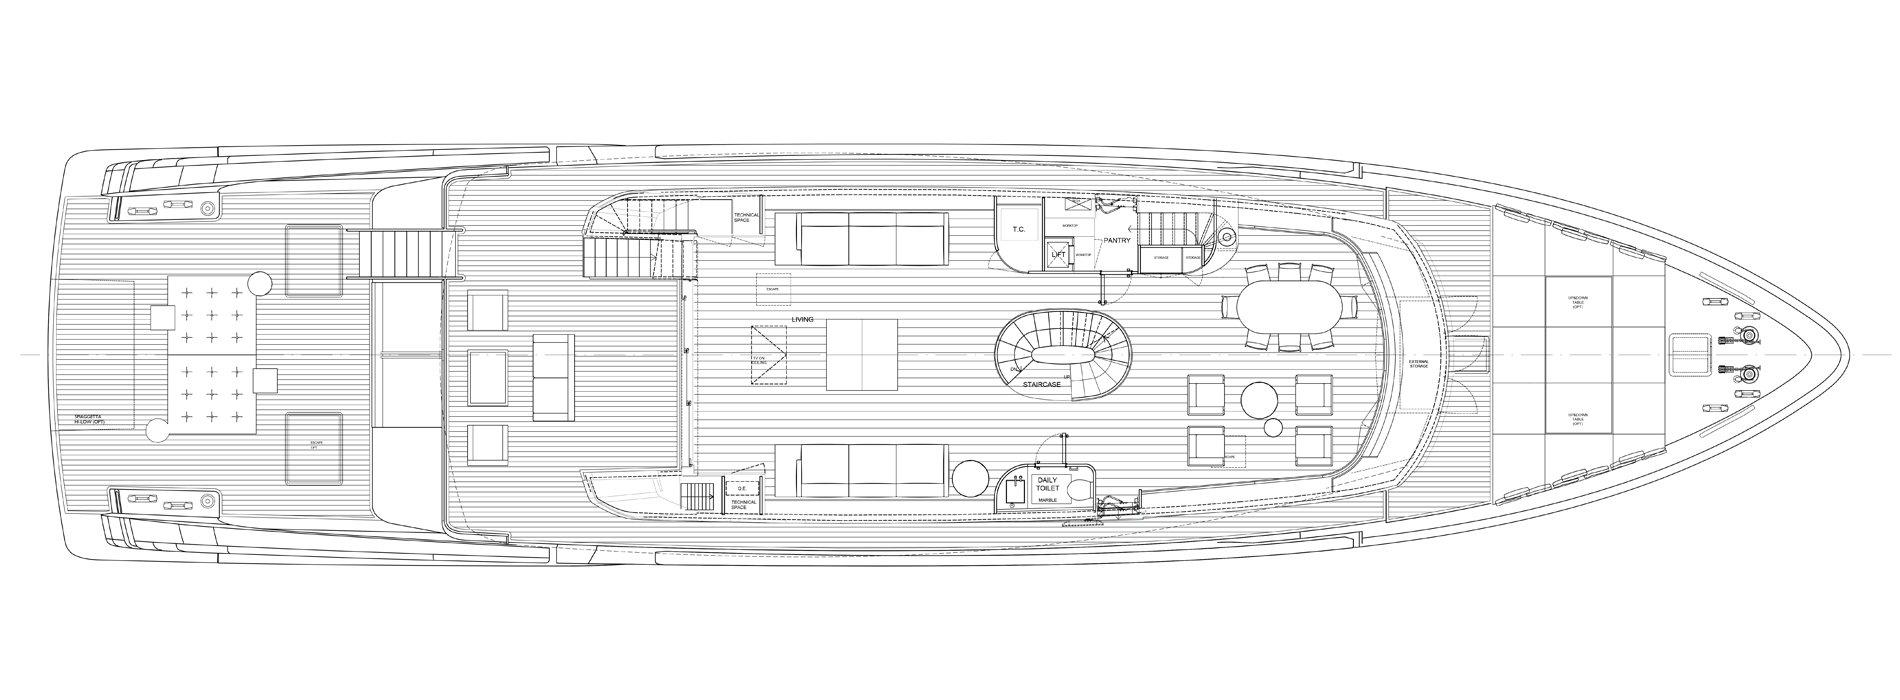 Sanlorenzo Yachts SX112 Hauptdeck Ausführung A